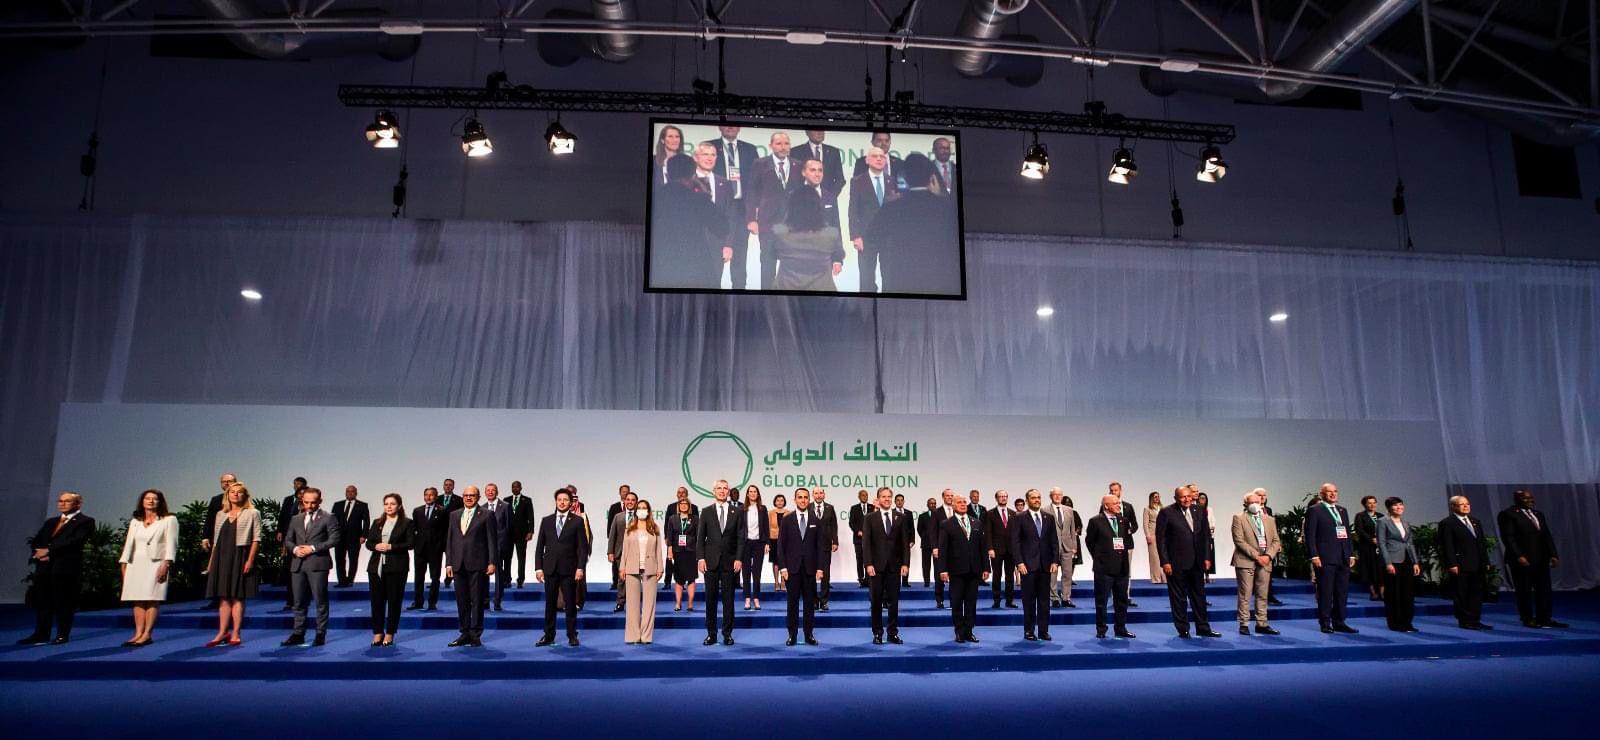 دولة قطر تشارك في المؤتمر الوزاري للتحالف الدولي ضد تنظيم داعش